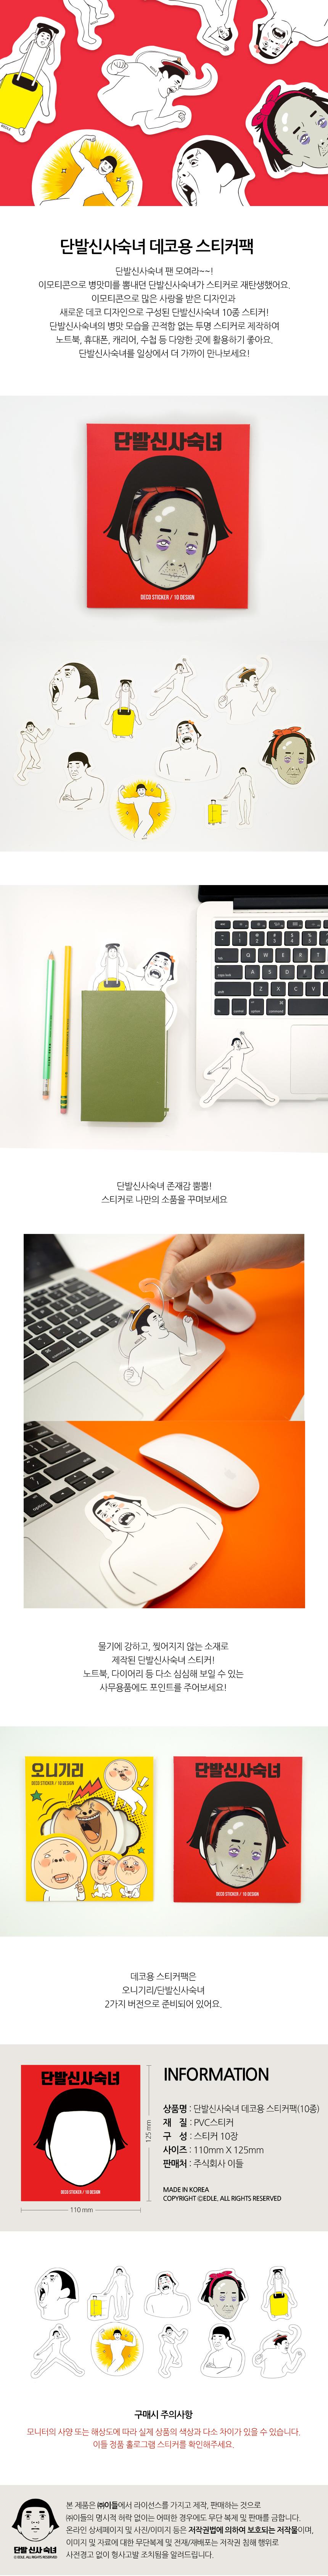 단발신사숙녀 데코용 스티커 팩 - 이들만듦, 4,000원, 스티커, 캐릭터스티커